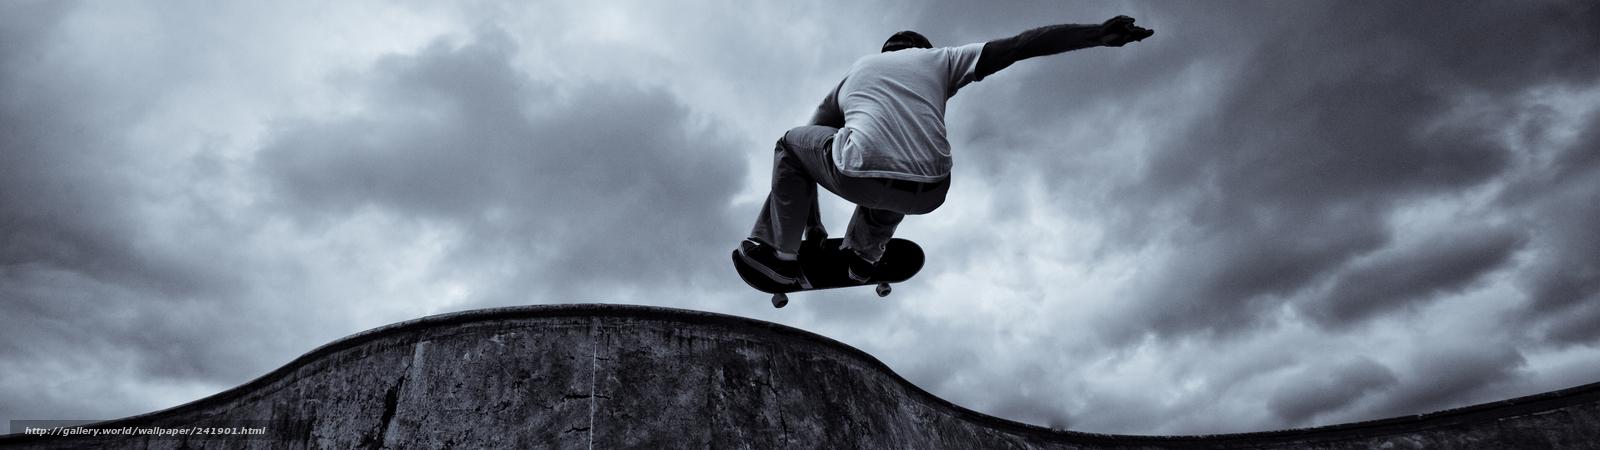 Descargar gratis skater,  Deporte,  La adrenalina Fondos de escritorio en la resolucin 3840x1080 — imagen №241901